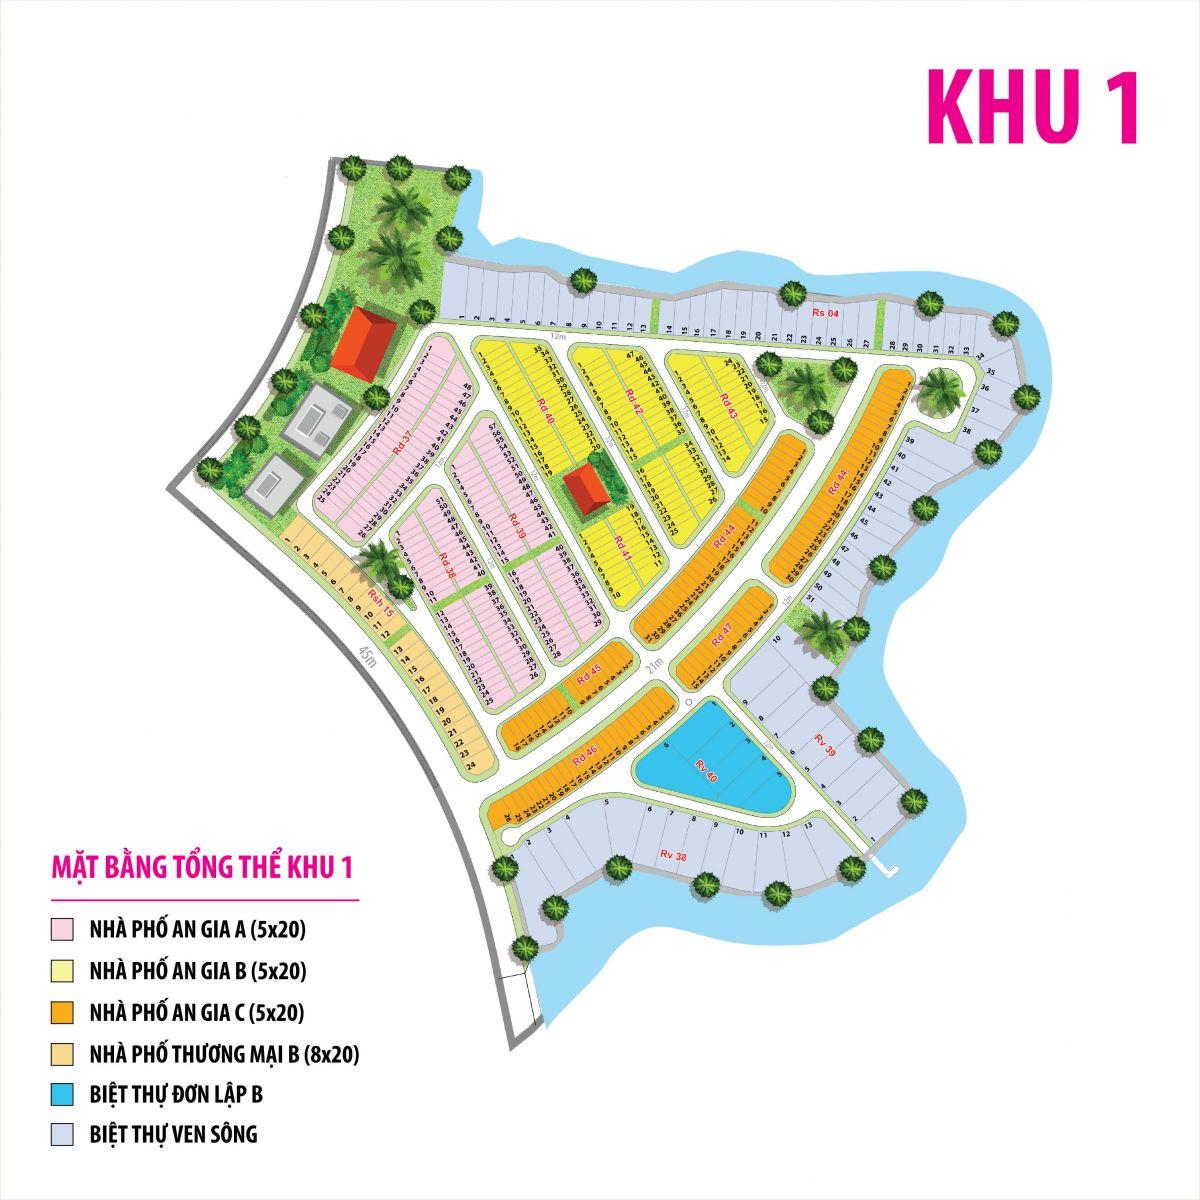 PHAN-LO-KHU-1